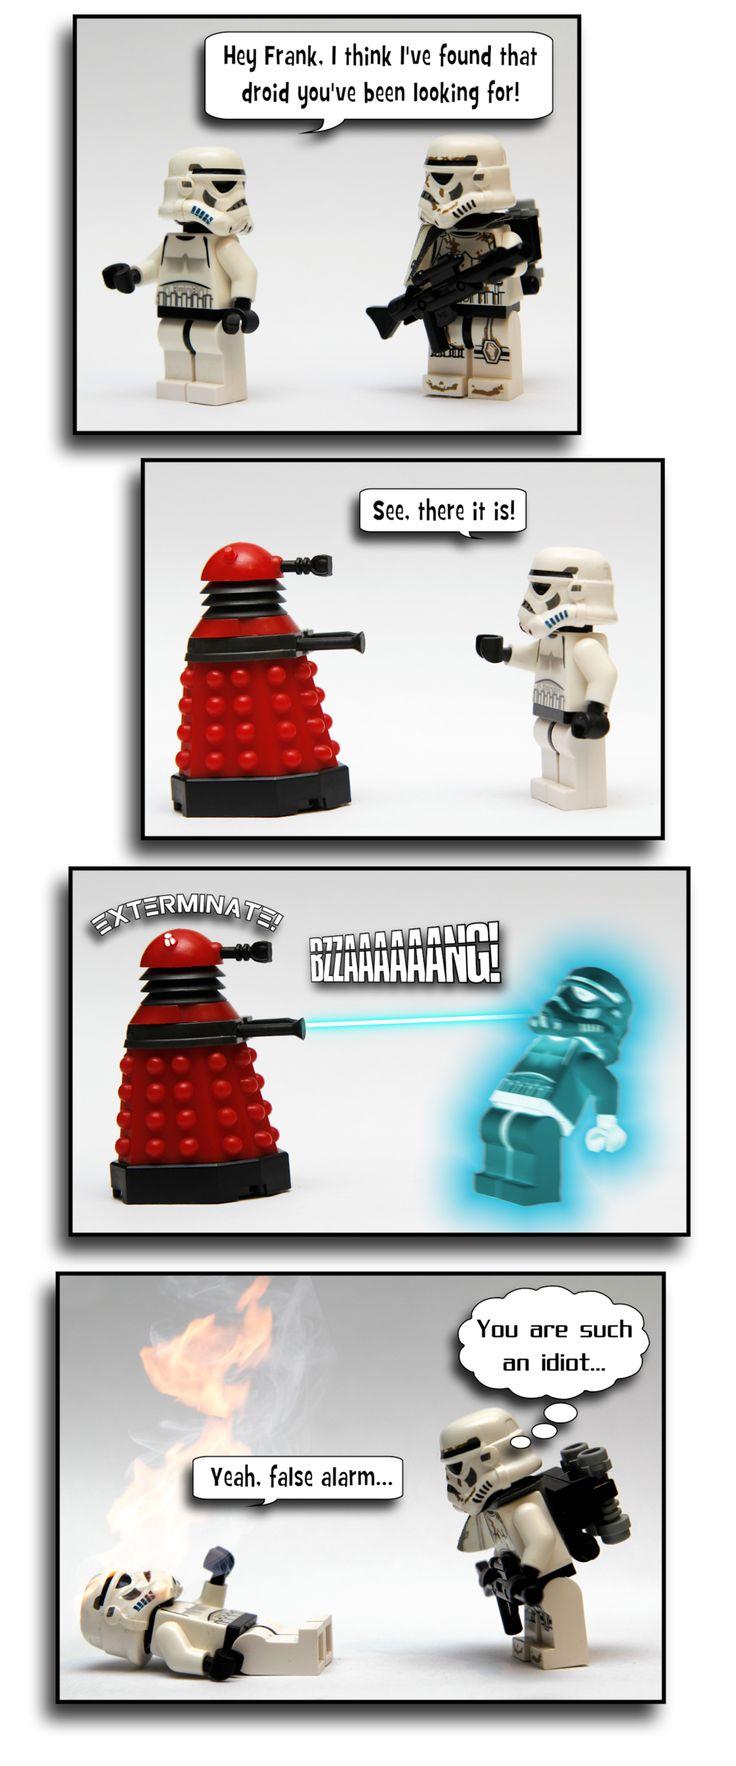 Stormtroopers meet a Dalek!